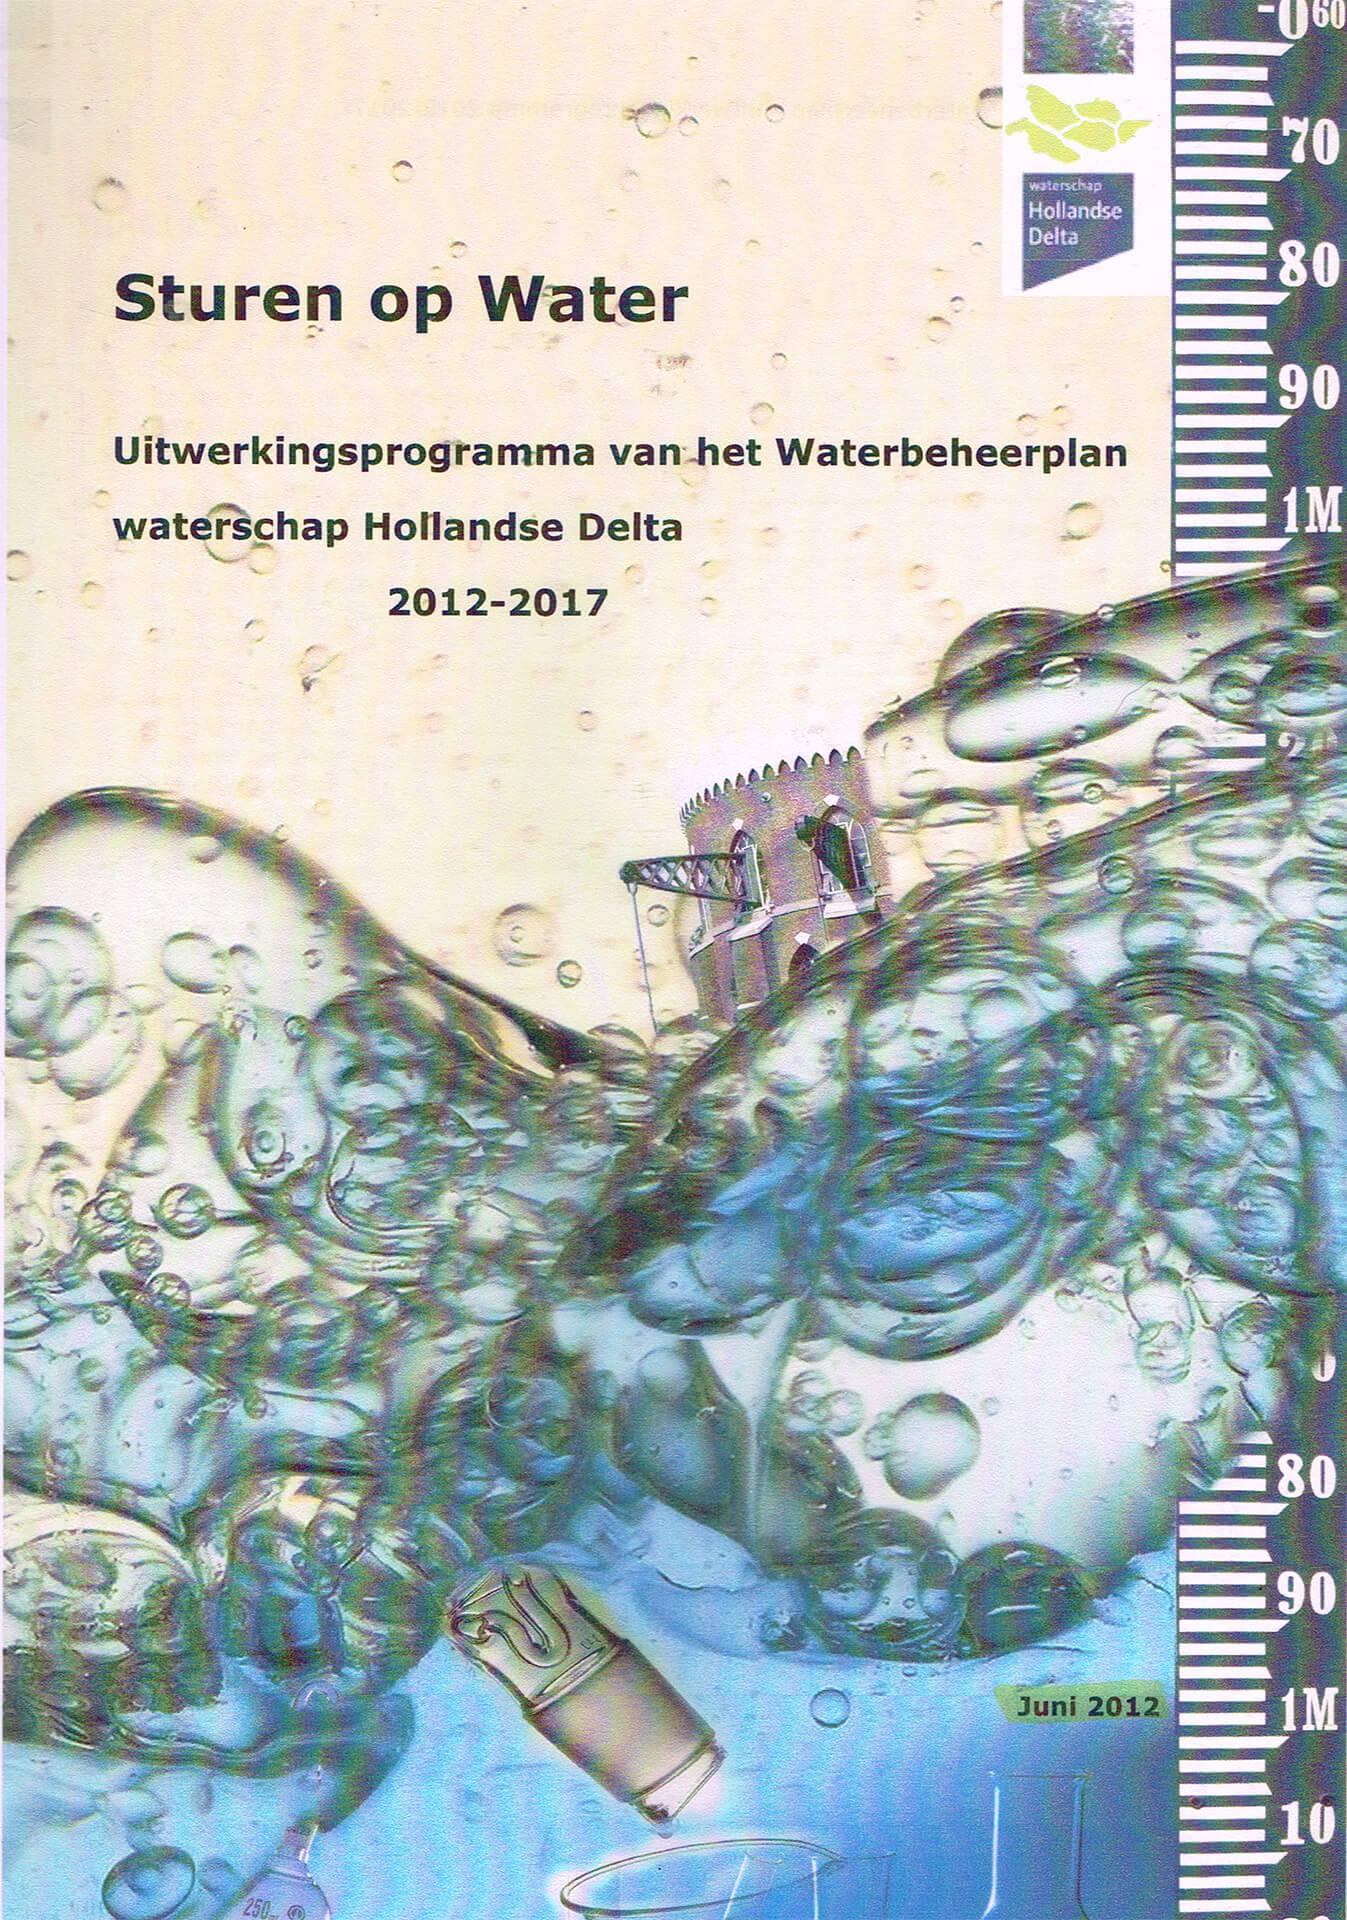 Sturen op water Hollandse Delta